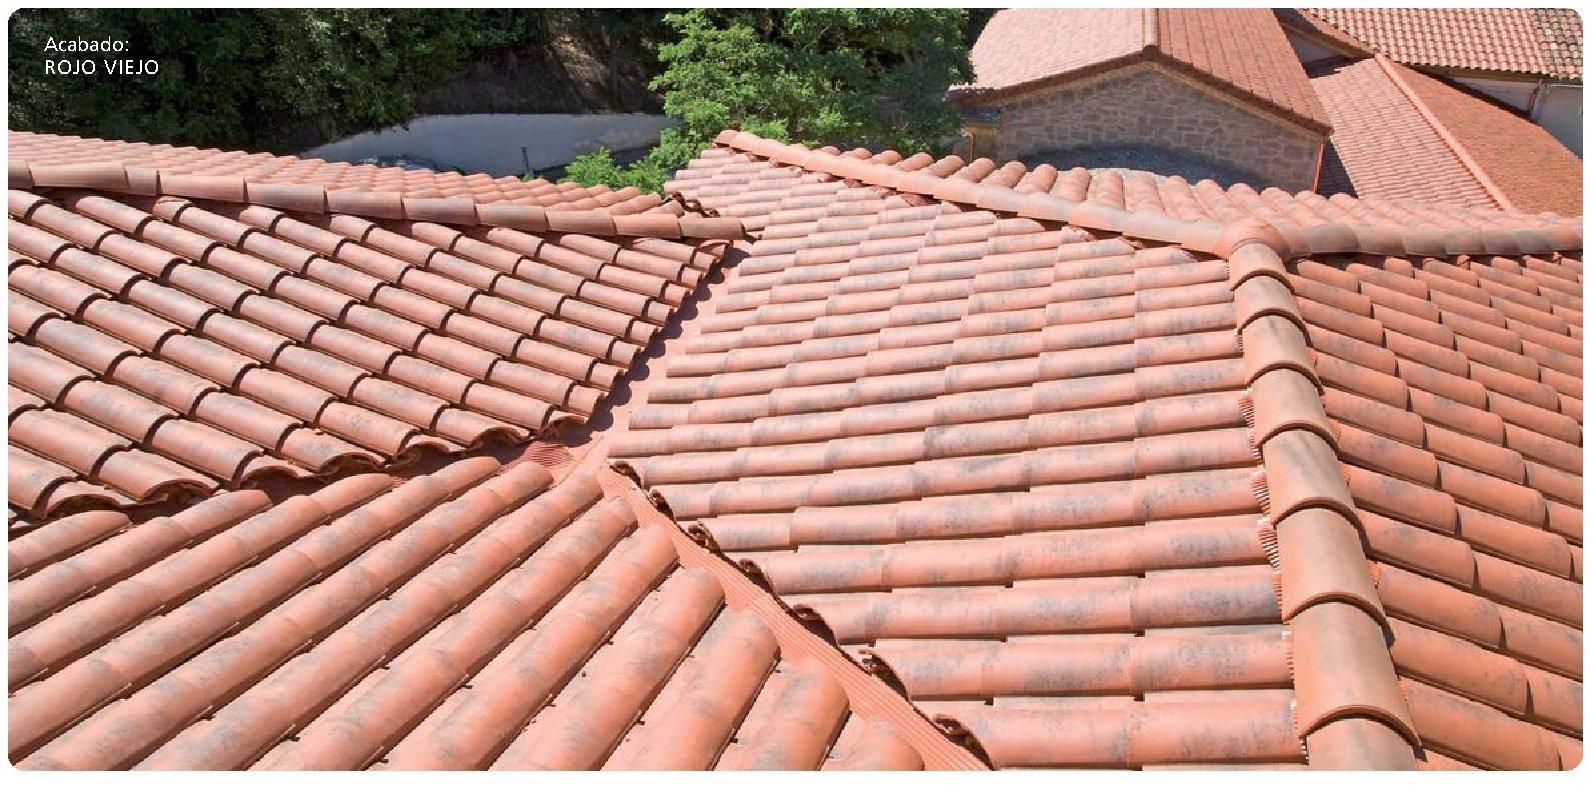 tejado con teja klinker k2 rojo viejo